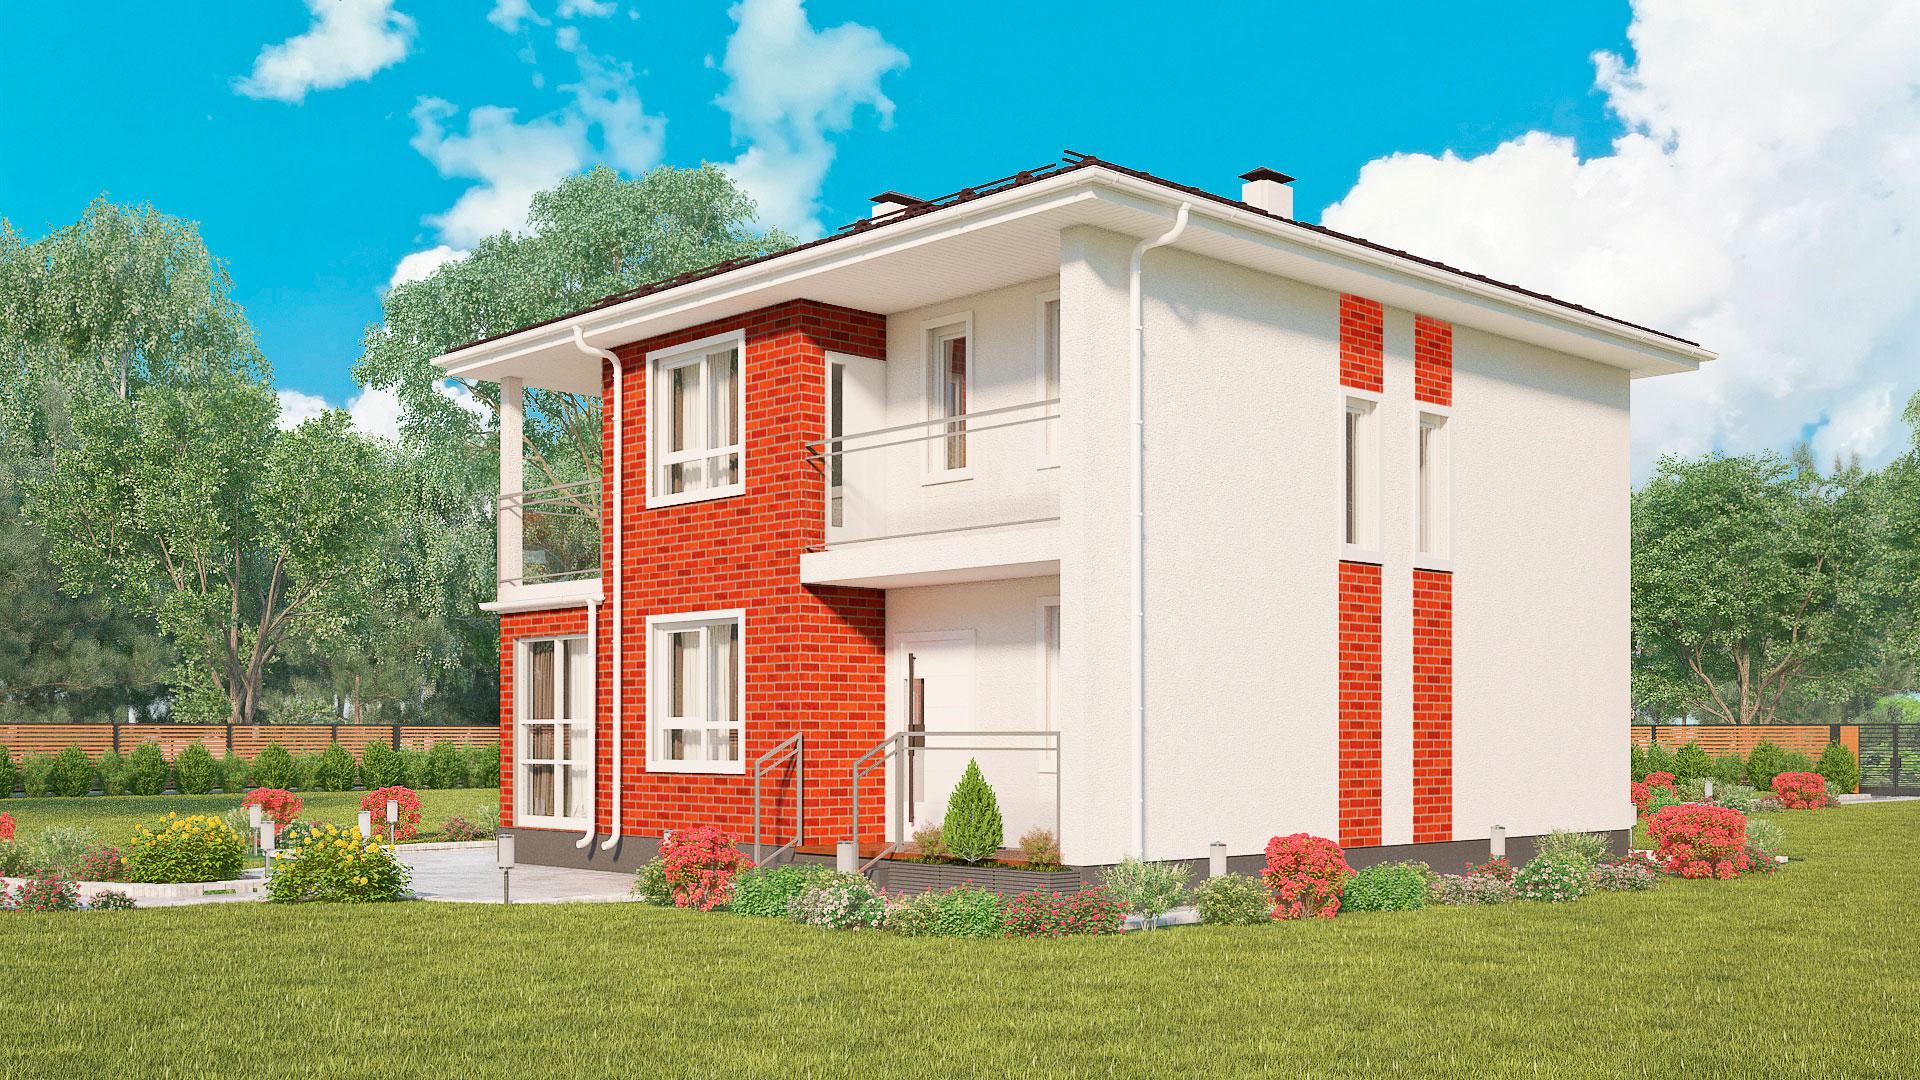 Фасад дома с эркером, двухэтажного, проект БЭНПАН МС-1601К.